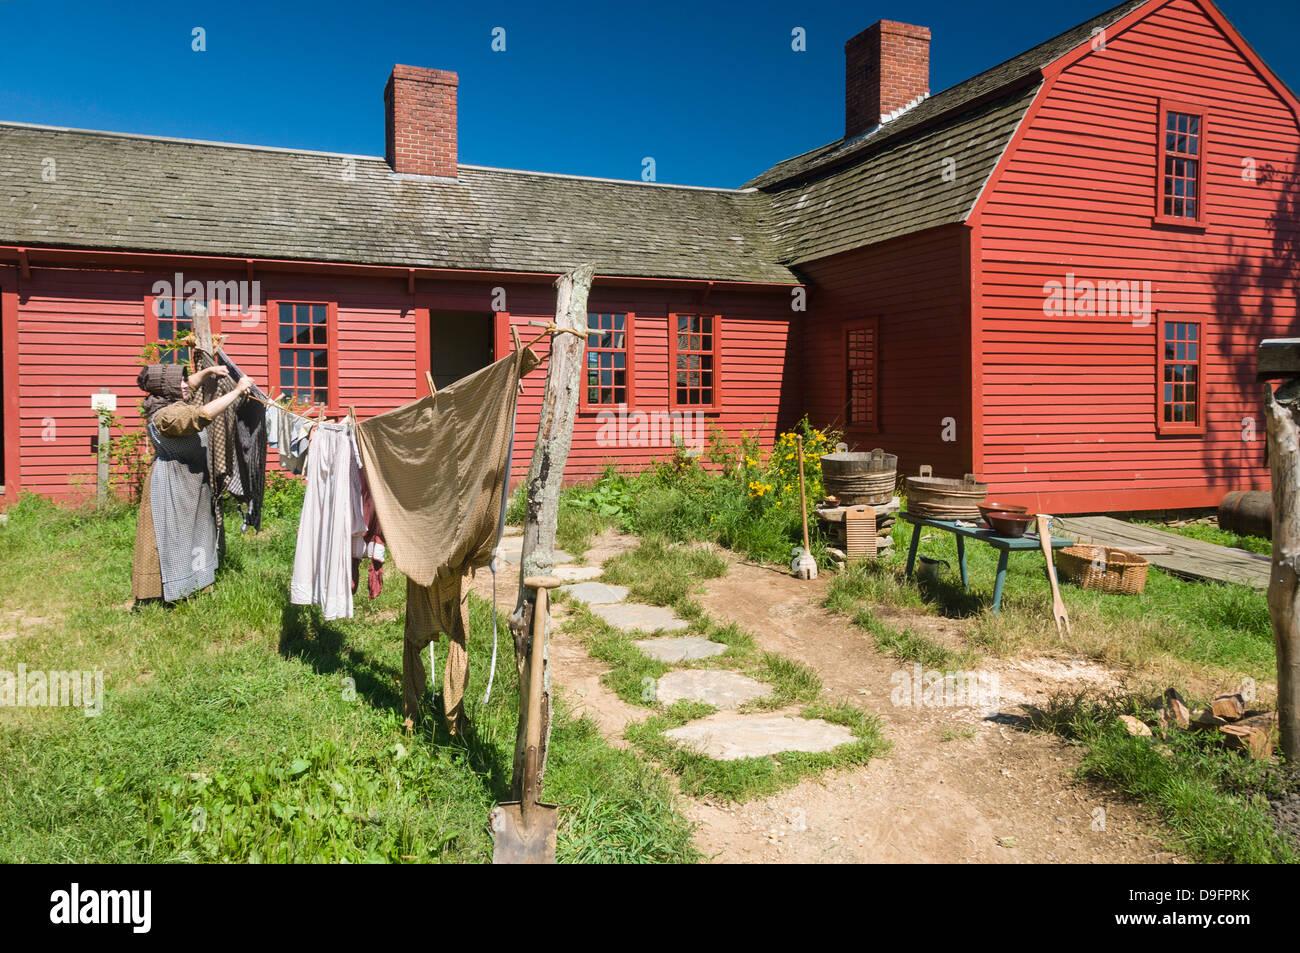 Neu zu vergangenen Zeiten in Old Sturbridge Village, ein Museum der Darstellung der frühen New England leben, Stockbild